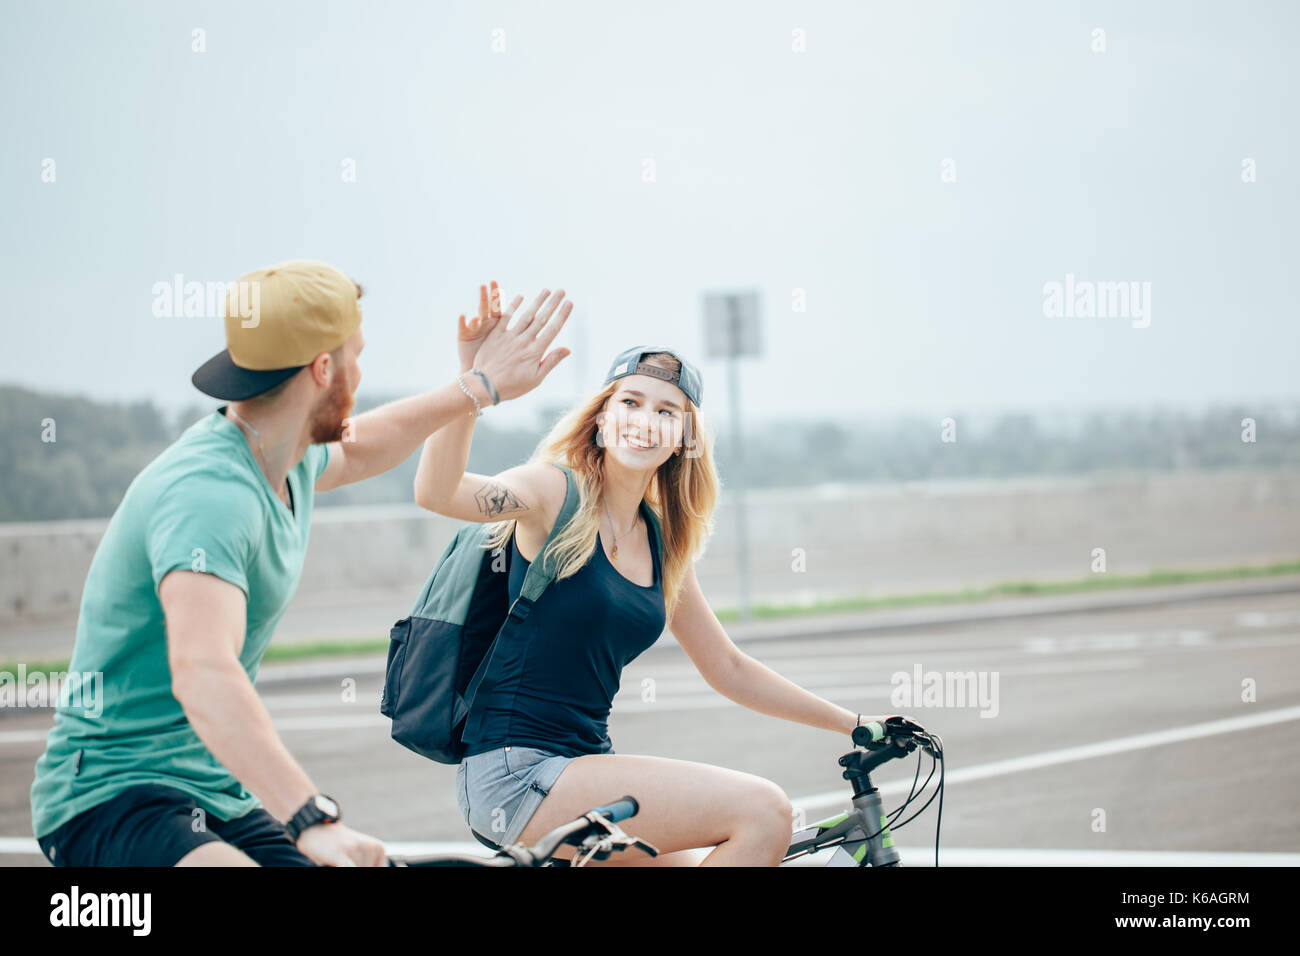 Colocar la Pareja ciclista de pie en la cumbre alta fiving en un día soleado Imagen De Stock